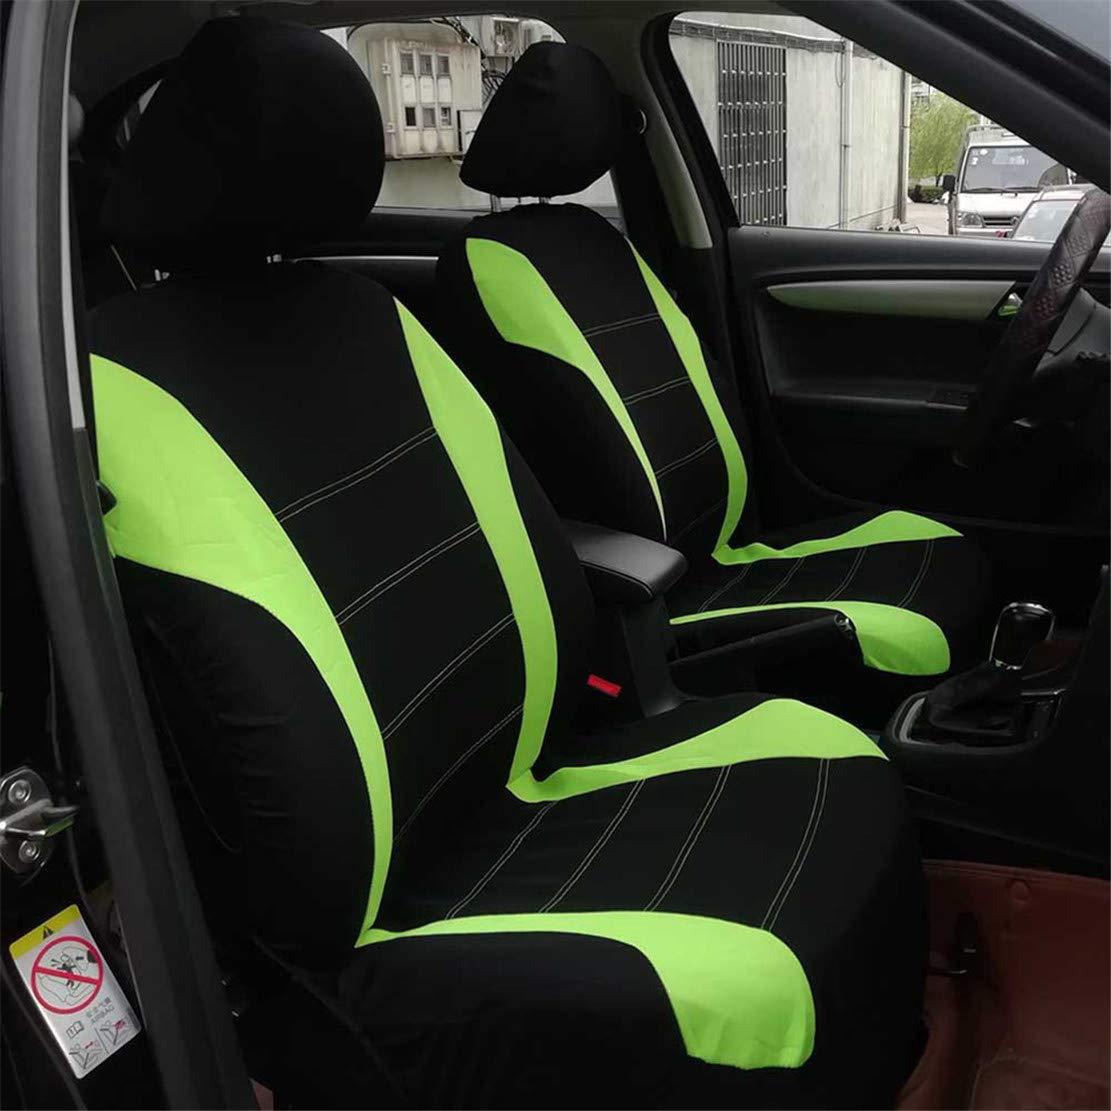 2x coche asiento delantero cubre protector para SKODA CITIGO